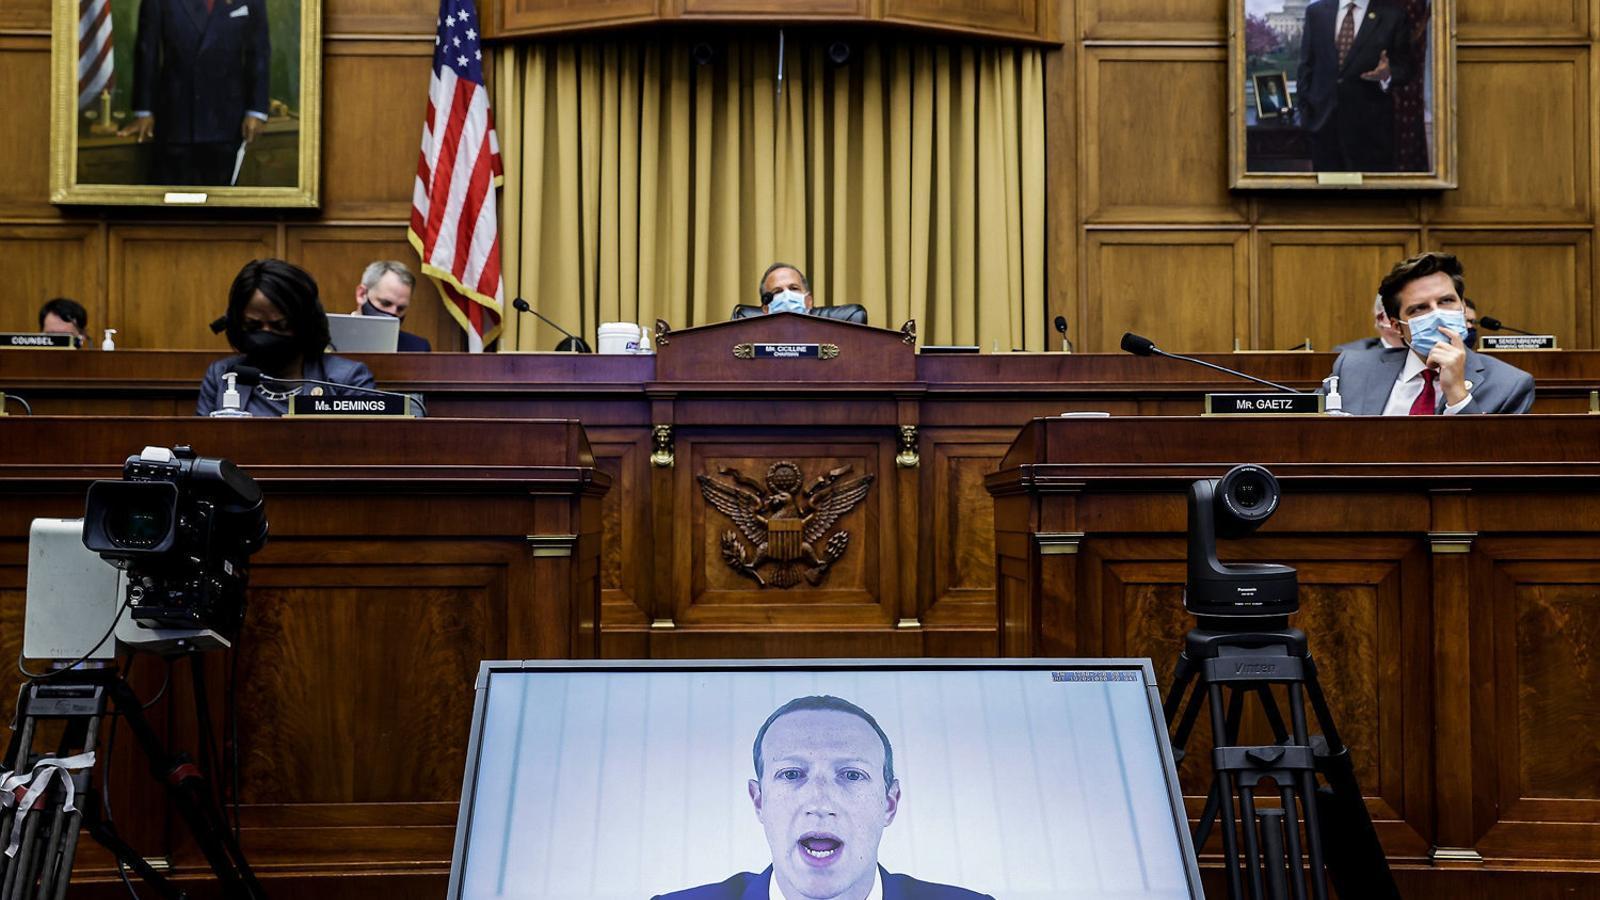 El propietari de Facebook, Mark Zuckerberg, defensant-se davant del Congrés per videoconferència.